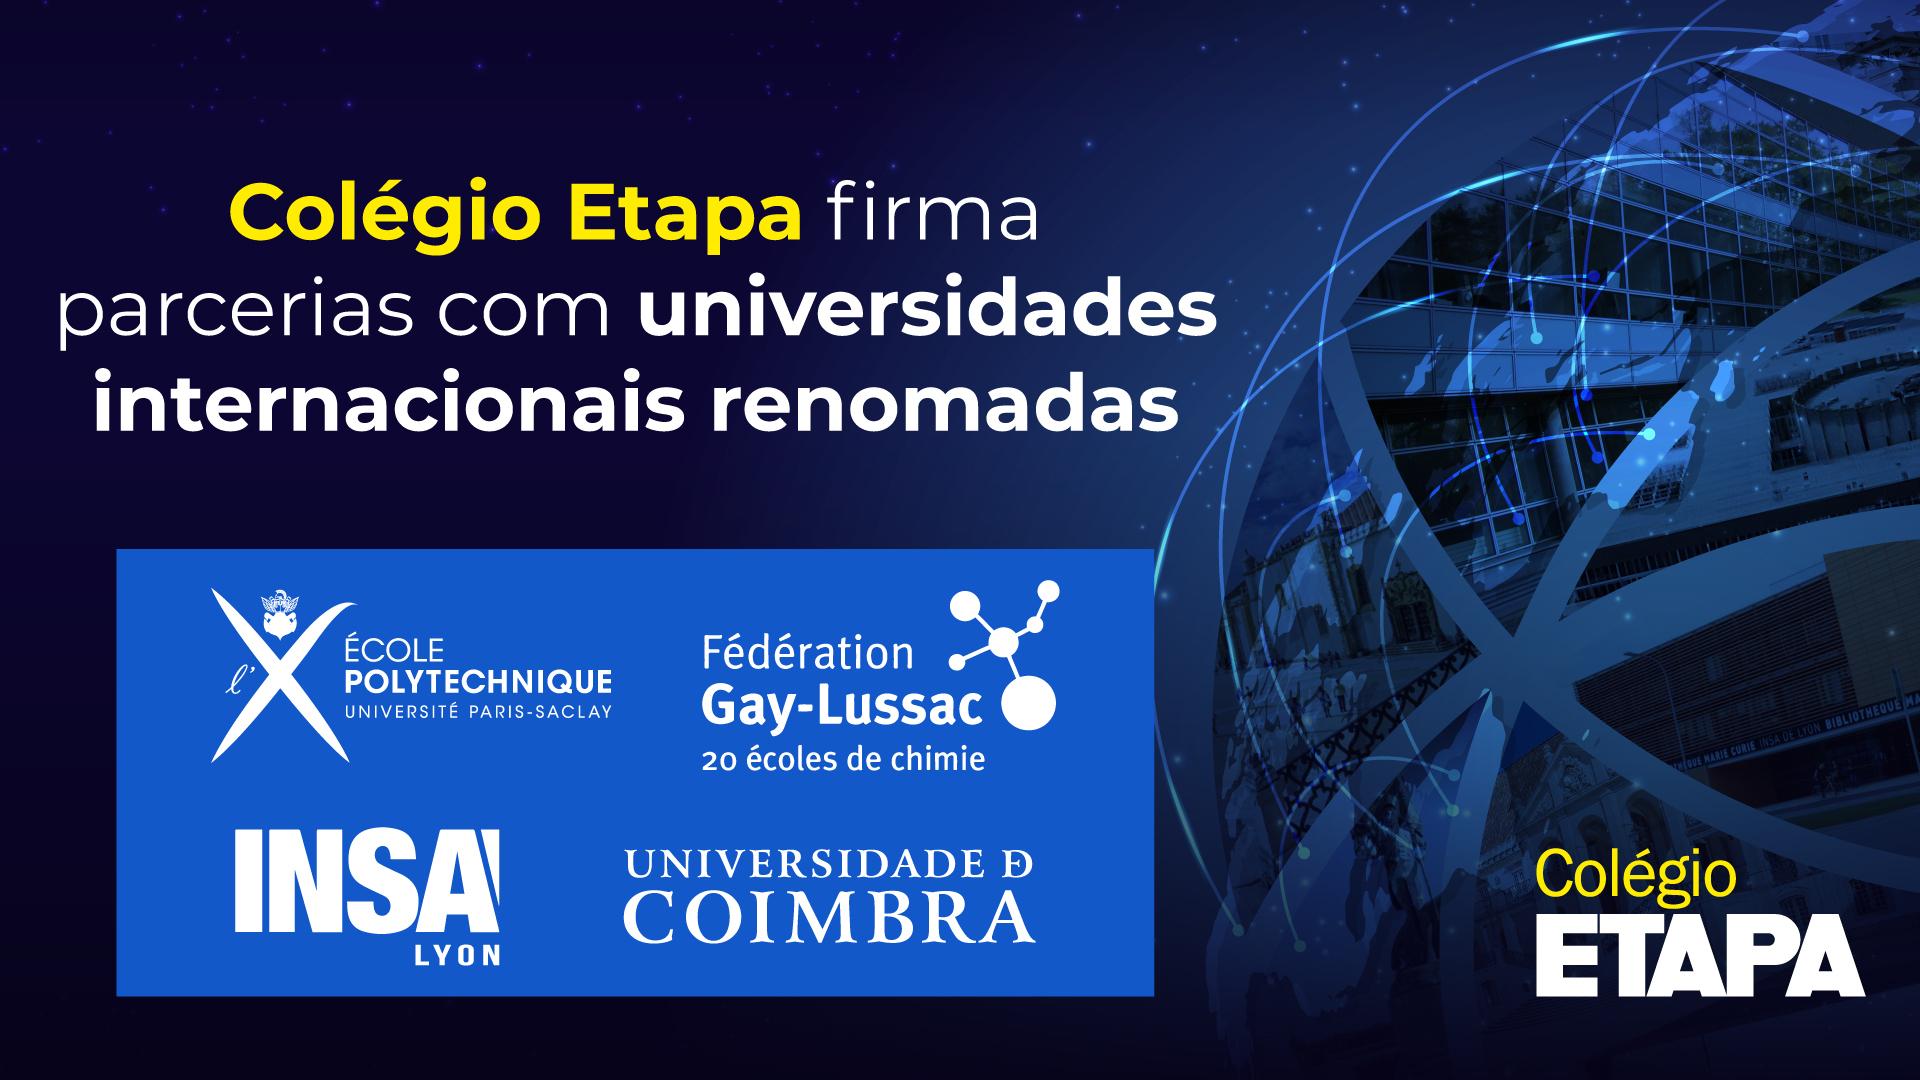 Etapa firma parcerias com universidades internacionais renomadas